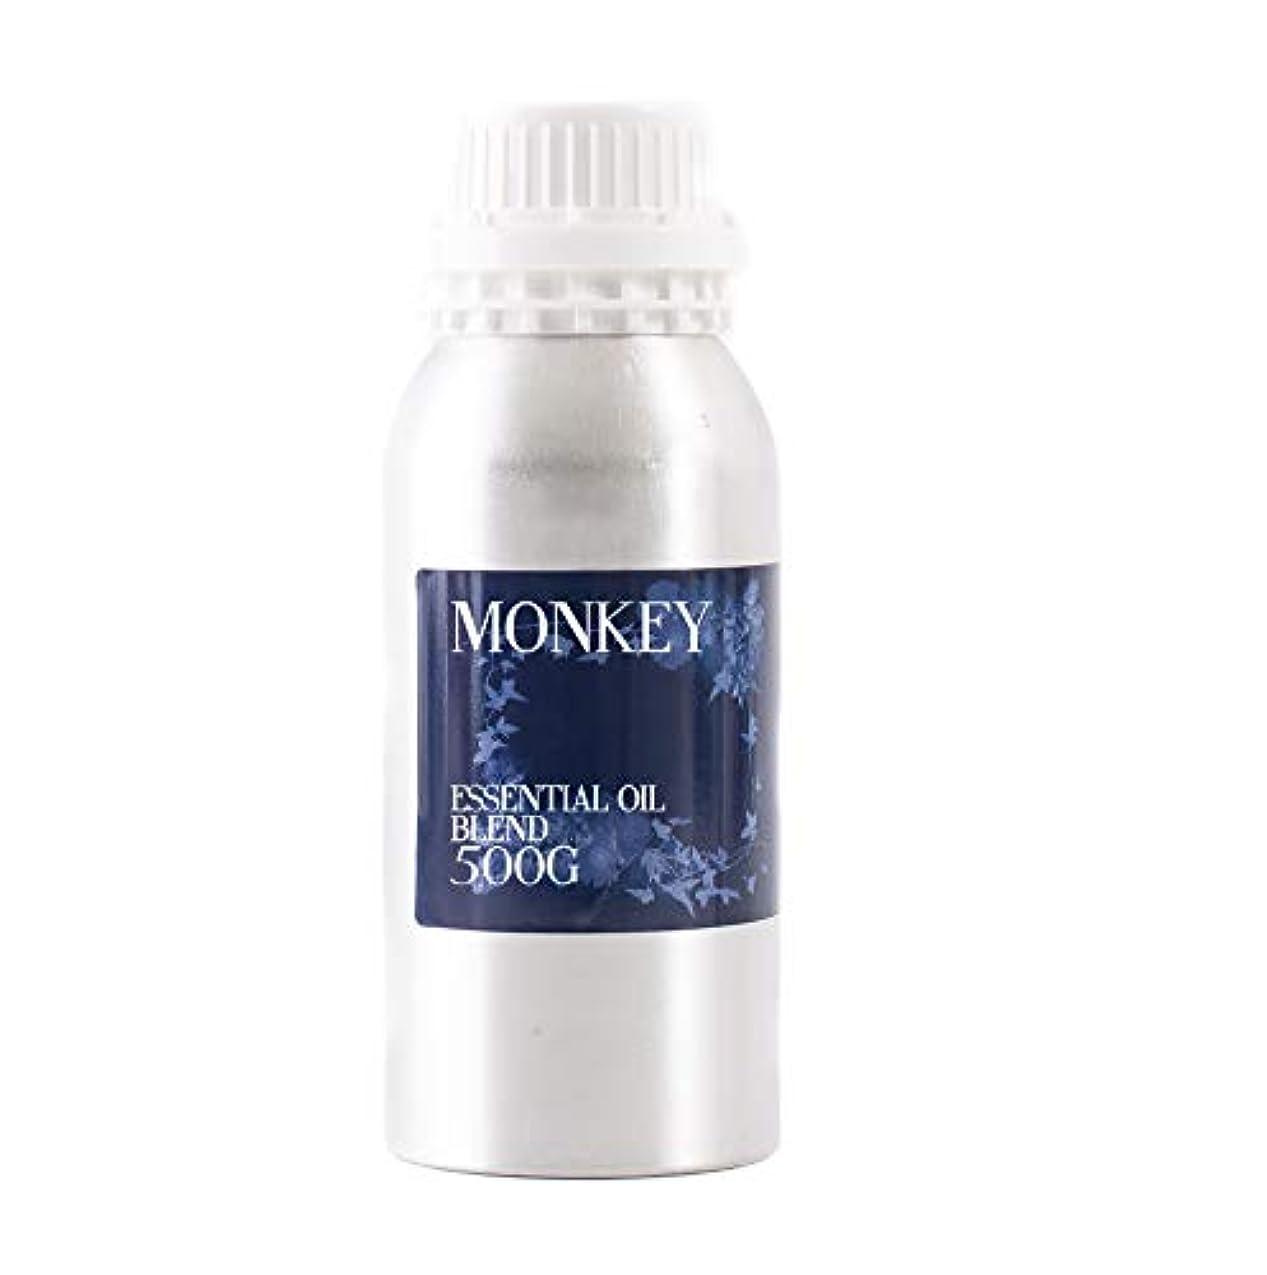 申し込む奇跡広大なMystix London | Monkey | Chinese Zodiac Essential Oil Blend 500g